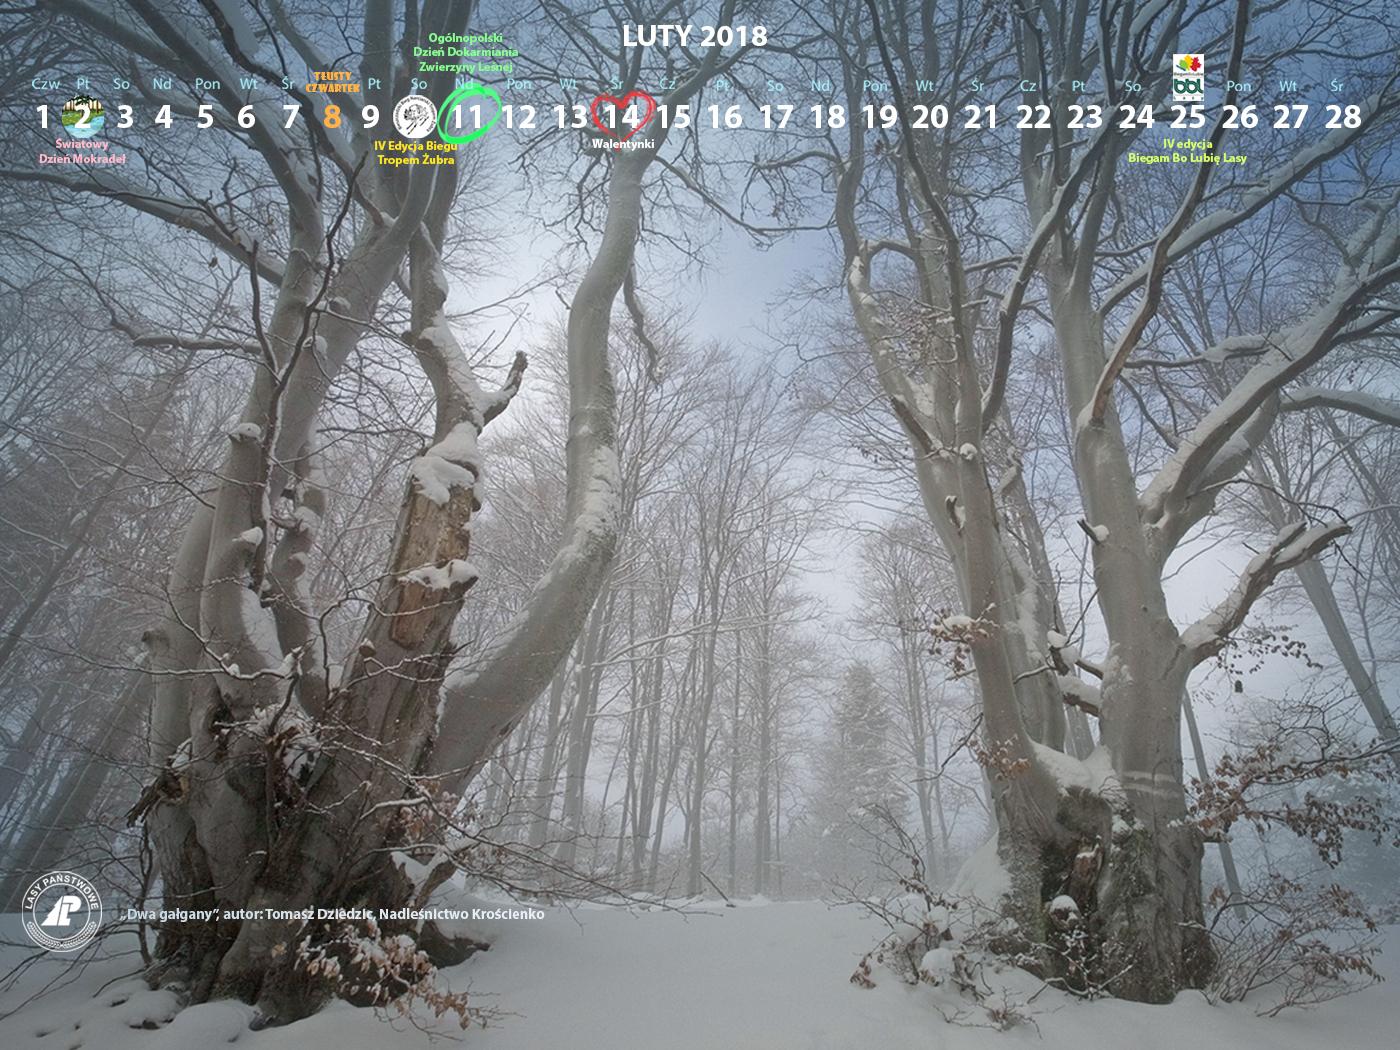 Kalendarz luty 2018 1400x1050